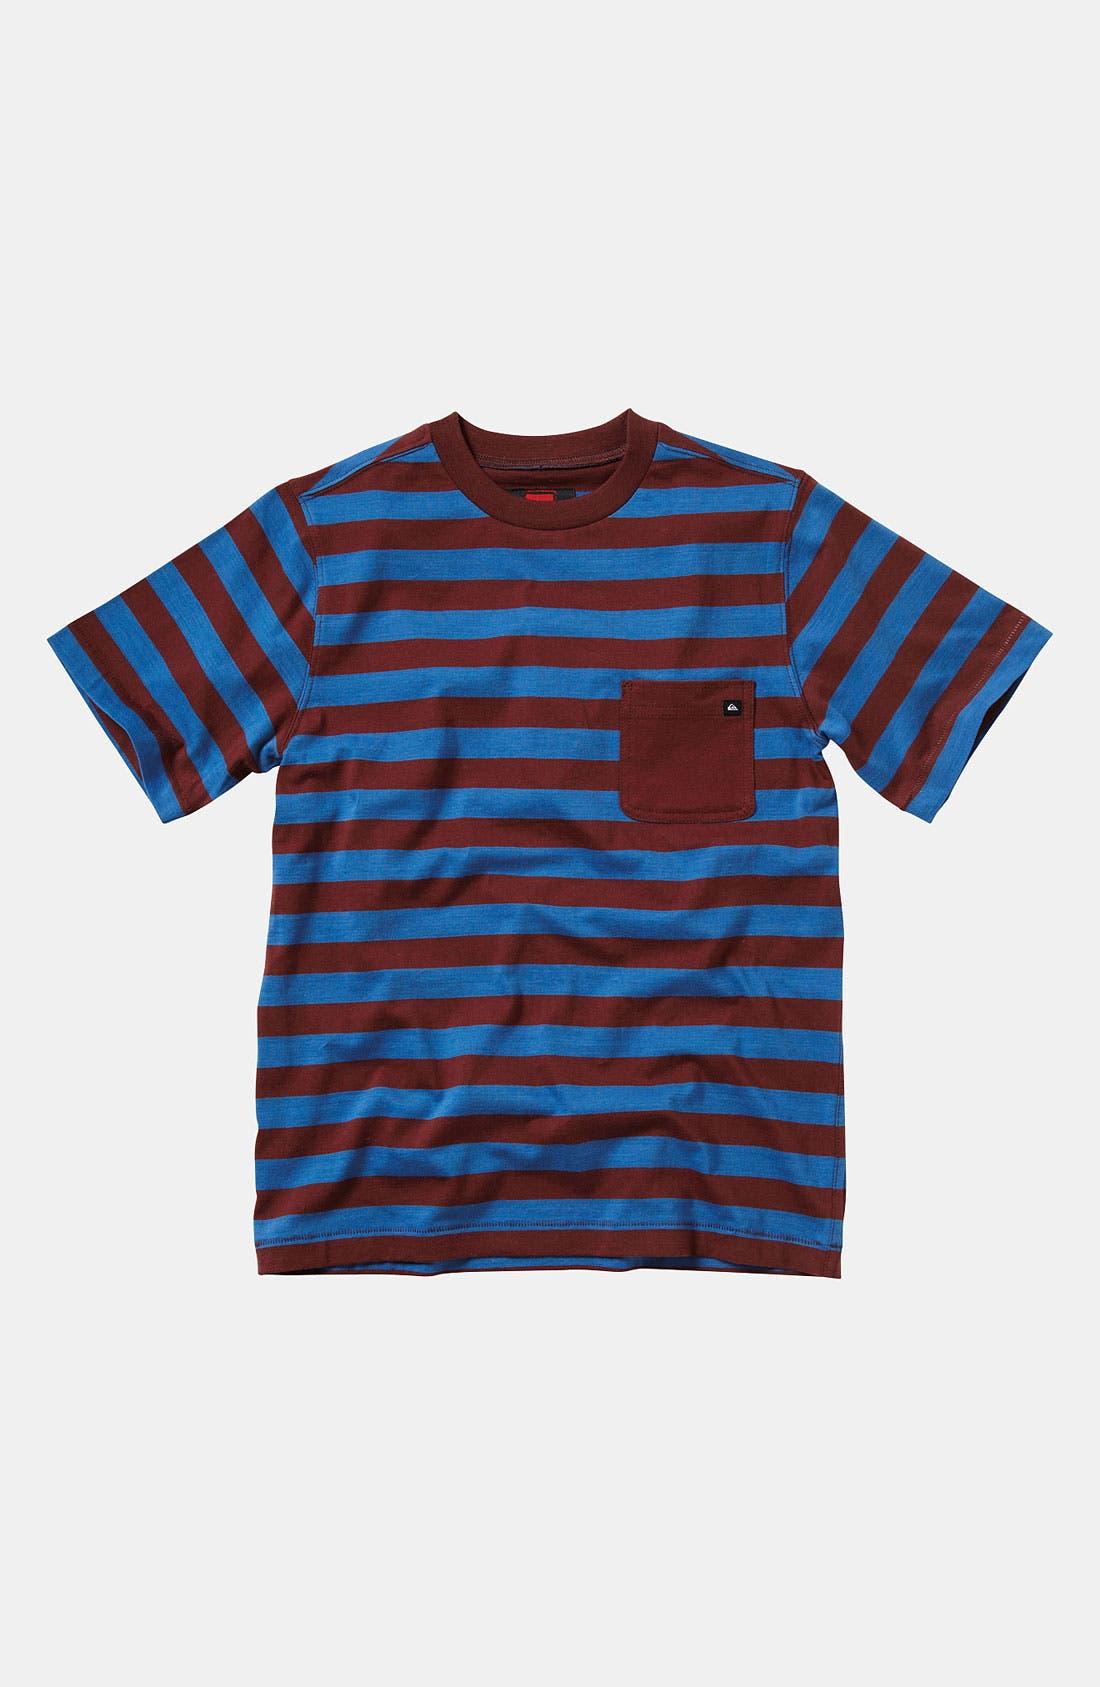 Main Image - Quiksilver 'Nolf' Crewneck T-Shirt (Big Boys)